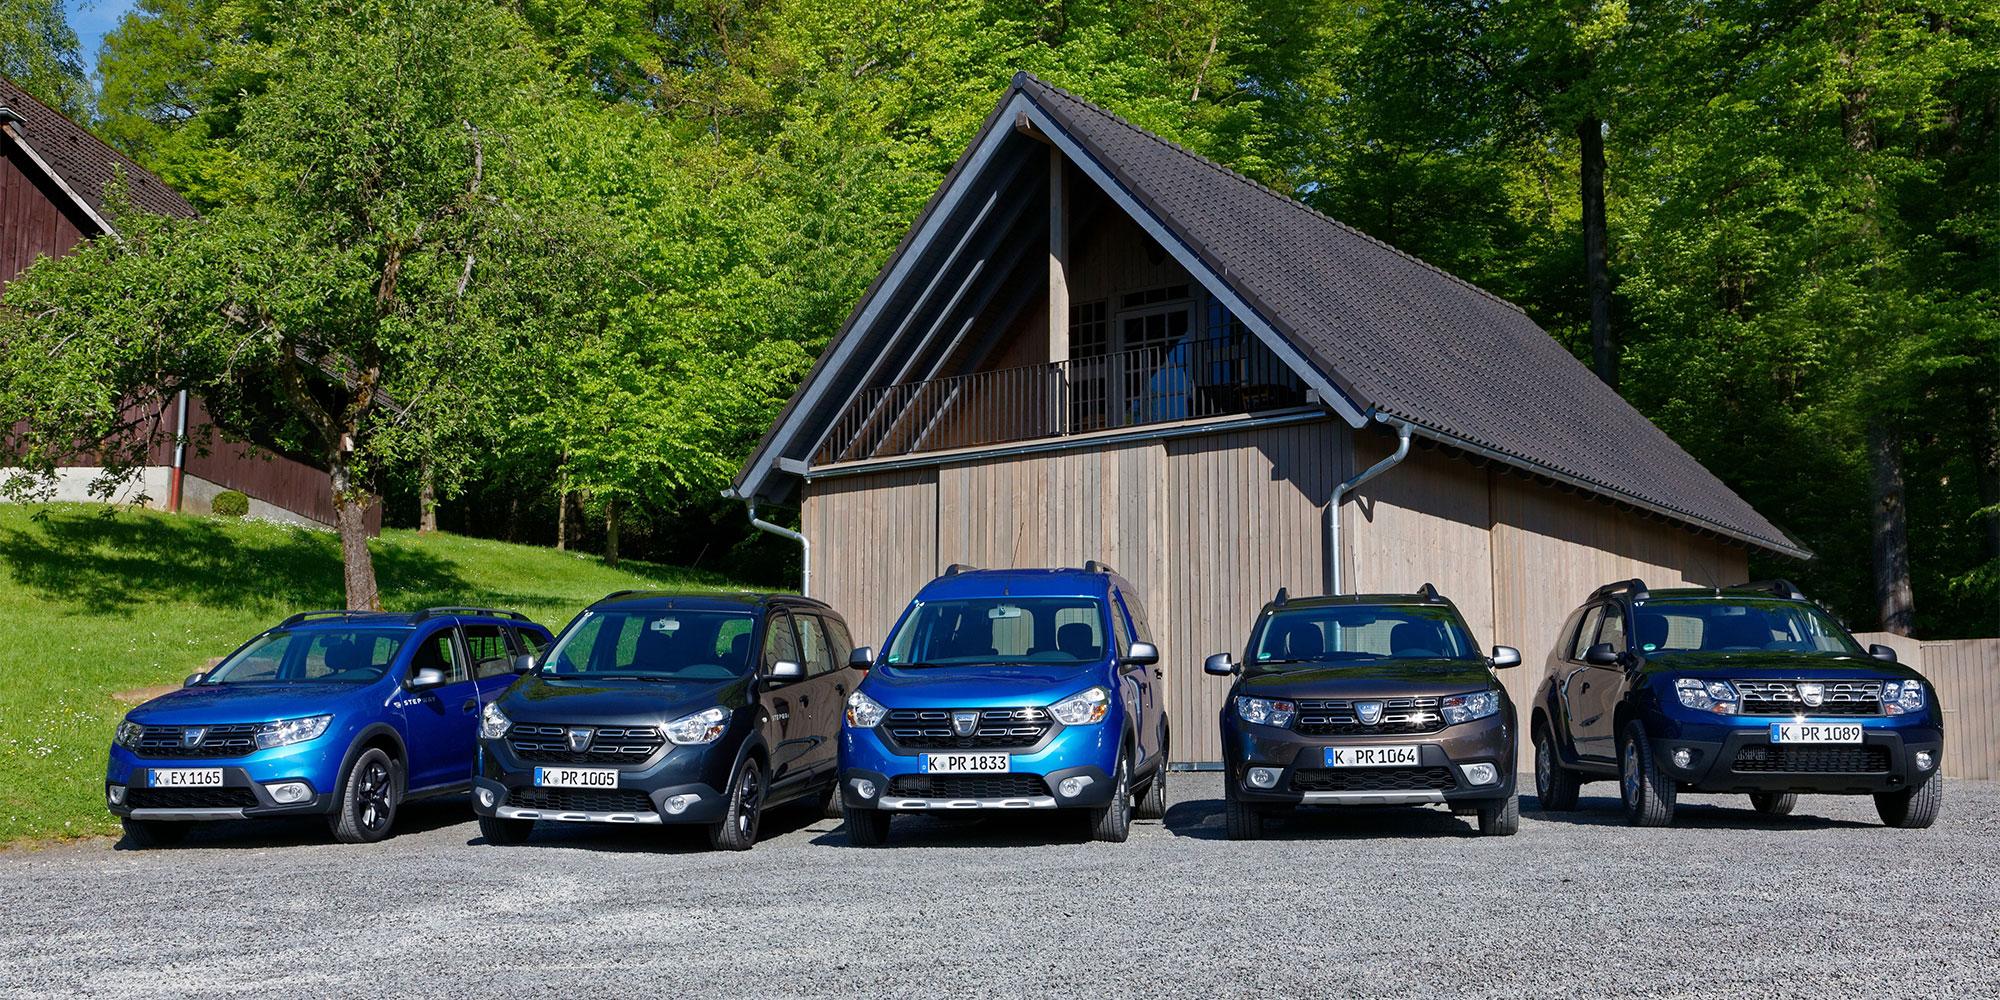 Mehr als 500.000 Zulassungen: Dacia auf Erfolgskurs